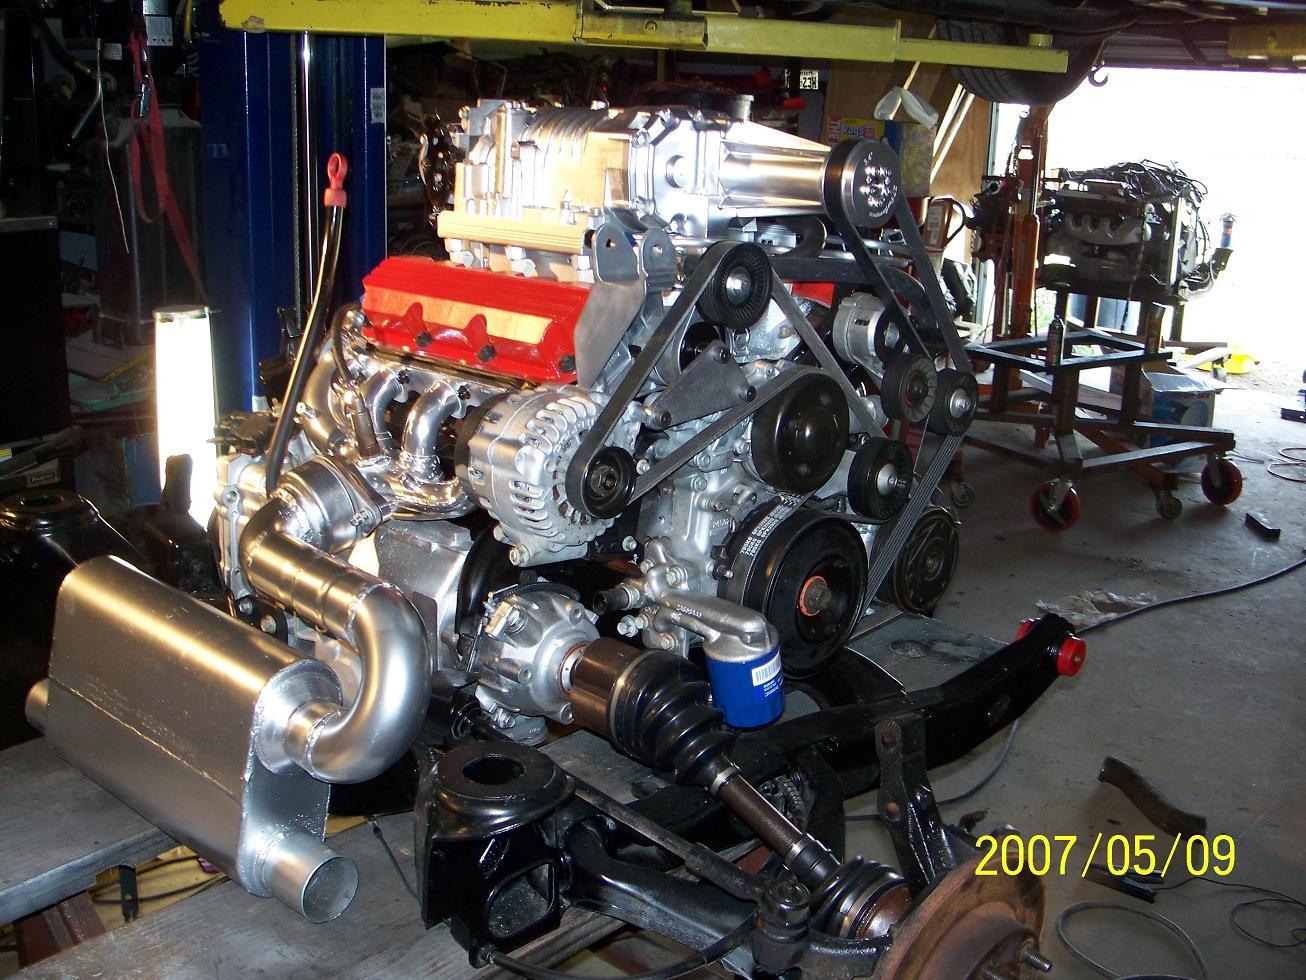 Harry on Gm 3800 Series Ii Engine